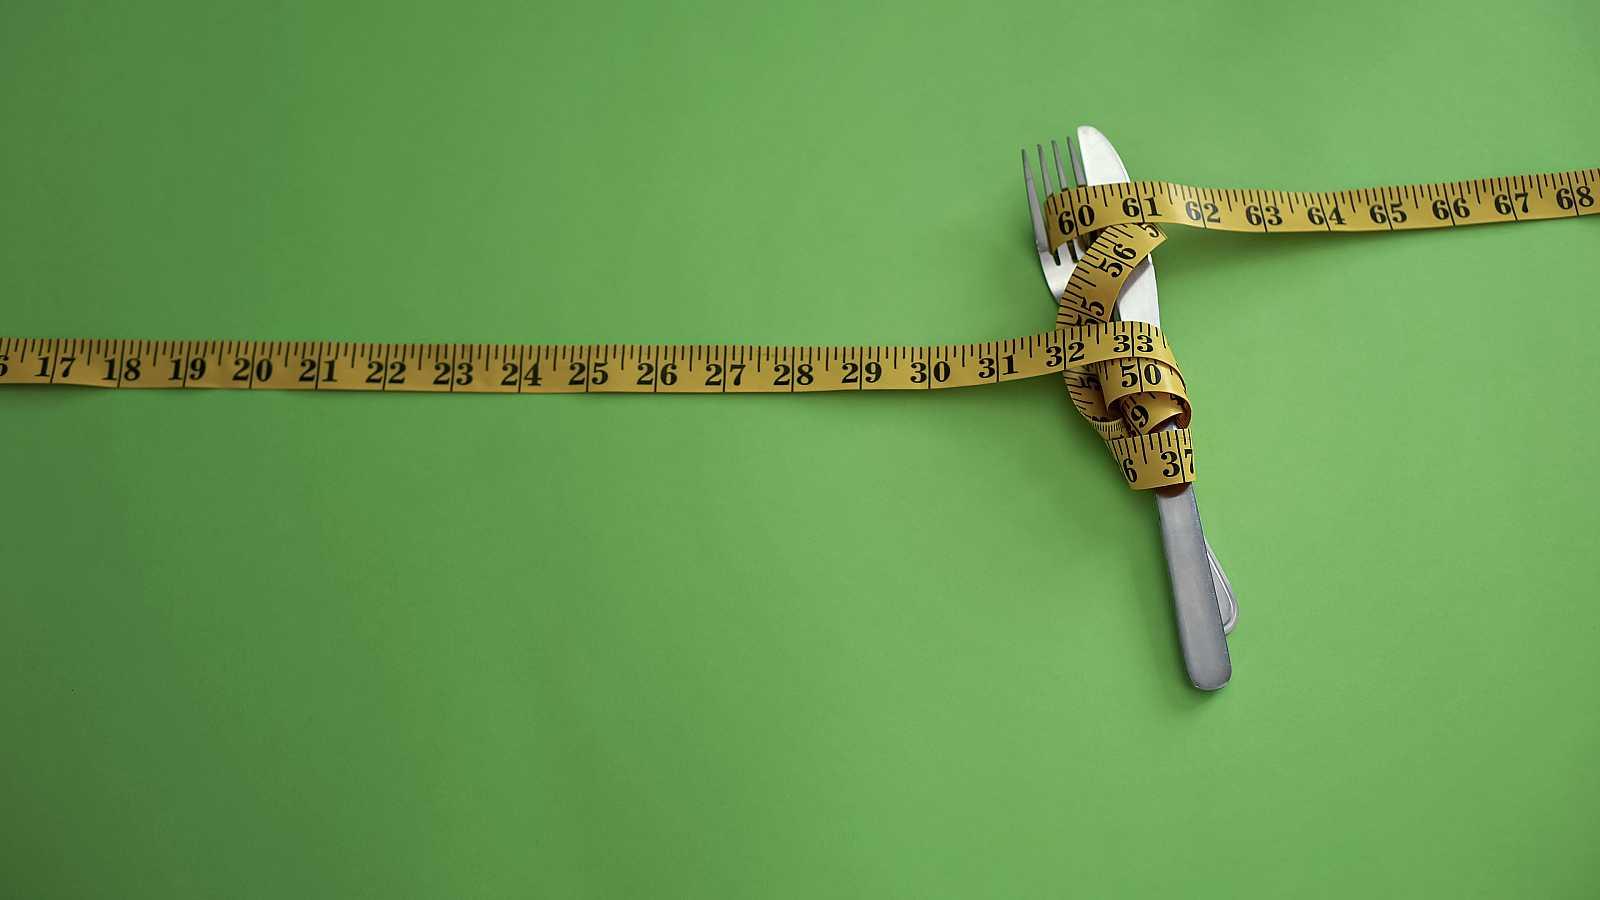 Tarde lo que tarde - Trastornos alimentarios durante la pandemia - 06/04/21 - escuchar ahora